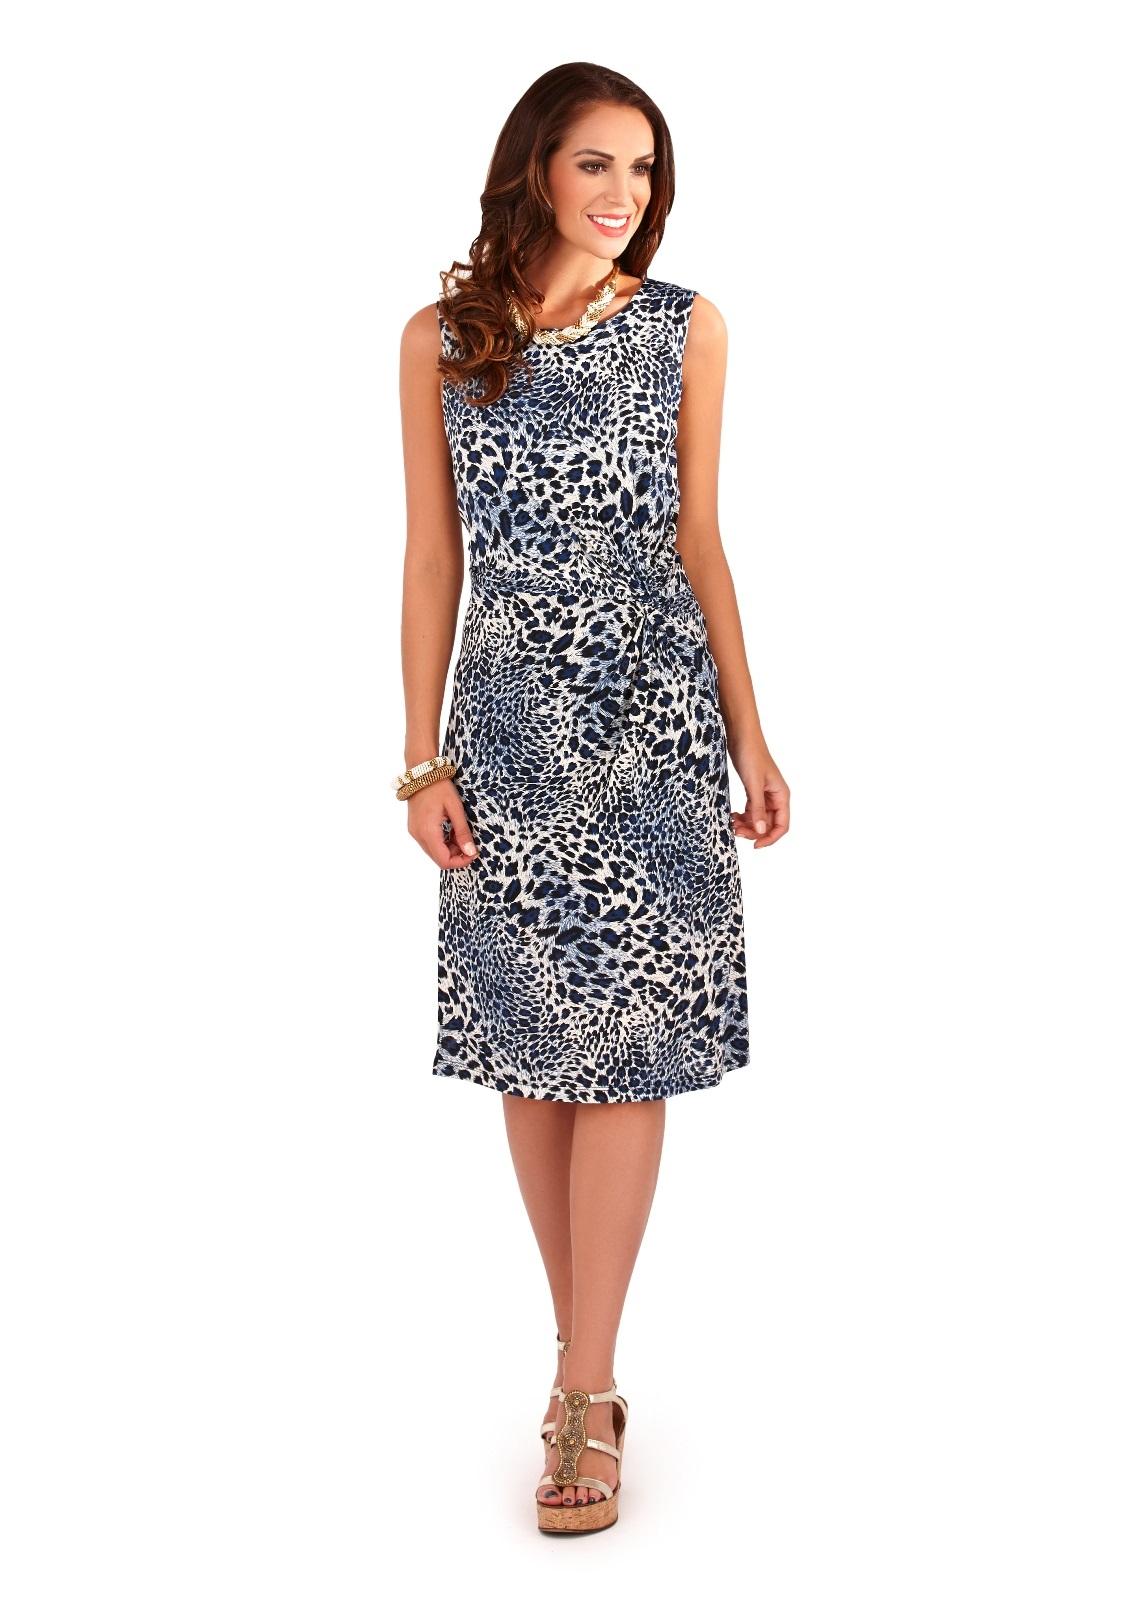 size 16 party dresses